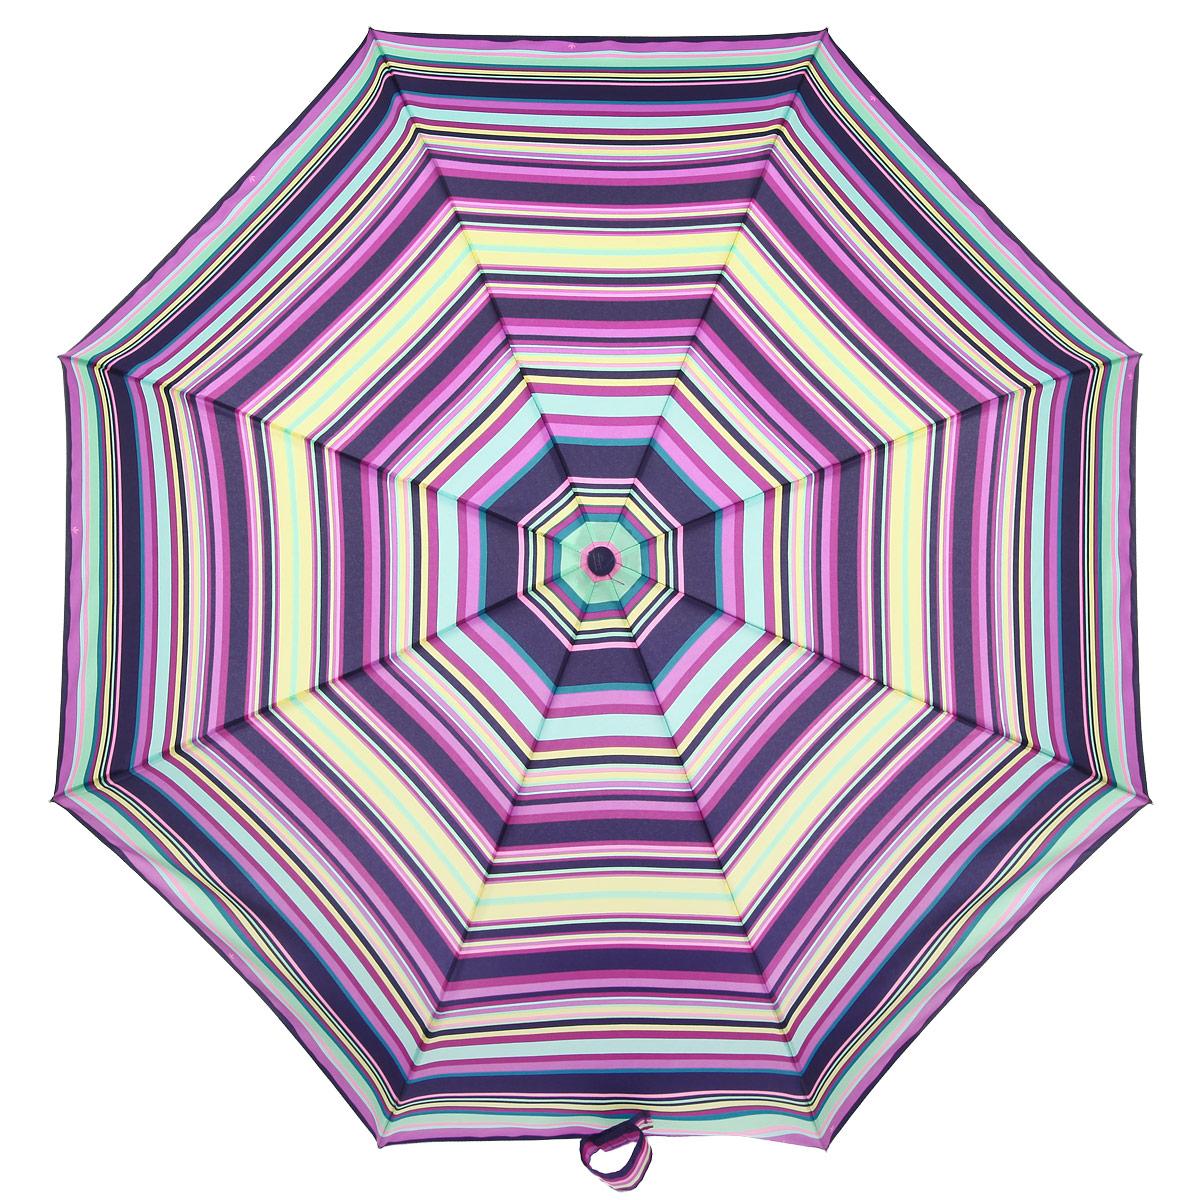 Зонт женский Fulton Vibrant Stripe, автомат, 3 сложения, цвет: желтый, розовый, зеленый, фиолетовый. R346-1149R346-1149Очаровательный автоматический зонт Vibrant Stripe в 3 сложения изготовлен из высокопрочных материалов. Каркас зонта состоит из 8 спиц и прочного алюминиевого стержня. Купол зонта выполнен из прочного полиэстера с водоотталкивающей пропиткой и оформлен принтом в виде разноцветных полос. Рукоятка изготовлена из пластика. Зонт имеет автоматический механизм сложения: купол открывается и закрывается нажатием кнопки на рукоятке, стержень складывается вручную до характерного щелчка, благодаря чему открыть и закрыть зонт можно одной рукой, что чрезвычайно удобно при входе в транспорт или помещение. Небольшой шнурок, расположенный на рукоятке, который позволяет надеть изделие на руку при необходимости. Модель закрывается при помощи хлястика на липучку. К зонту прилагается чехол. Прелестный зонт не только выручит вас в ненастную погоду, но и станет стильным аксессуаром, прекрасно дополнит ваш модный образ.